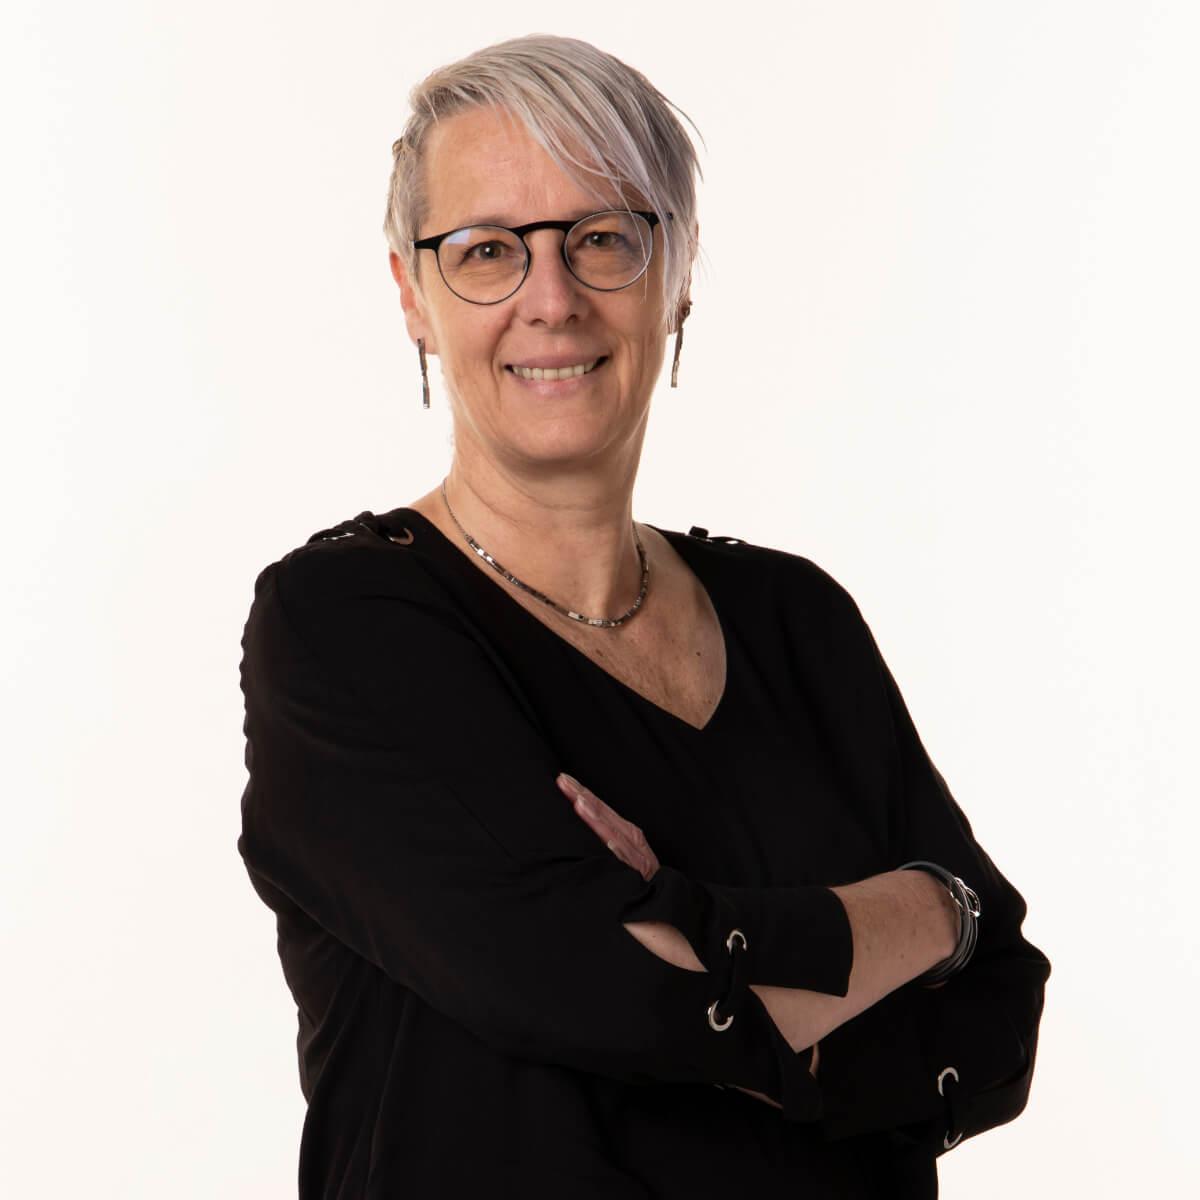 Hilde Thijssen